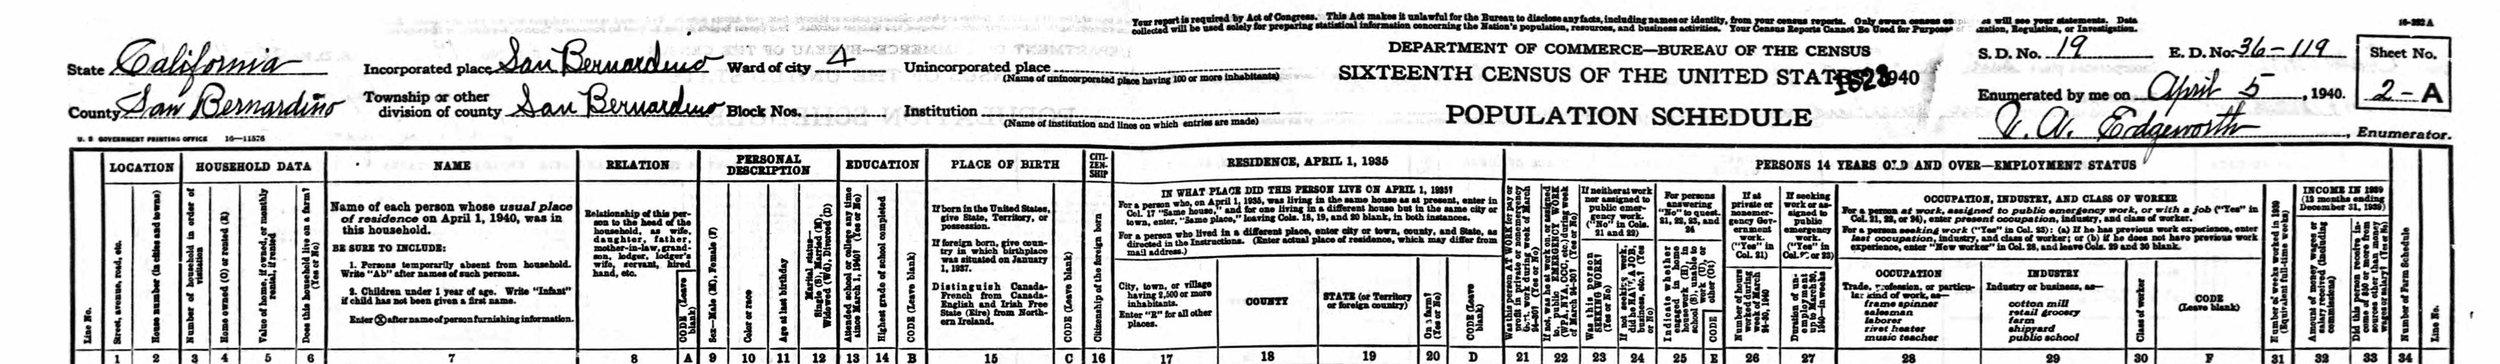 1940.04.05.census.3.jpg